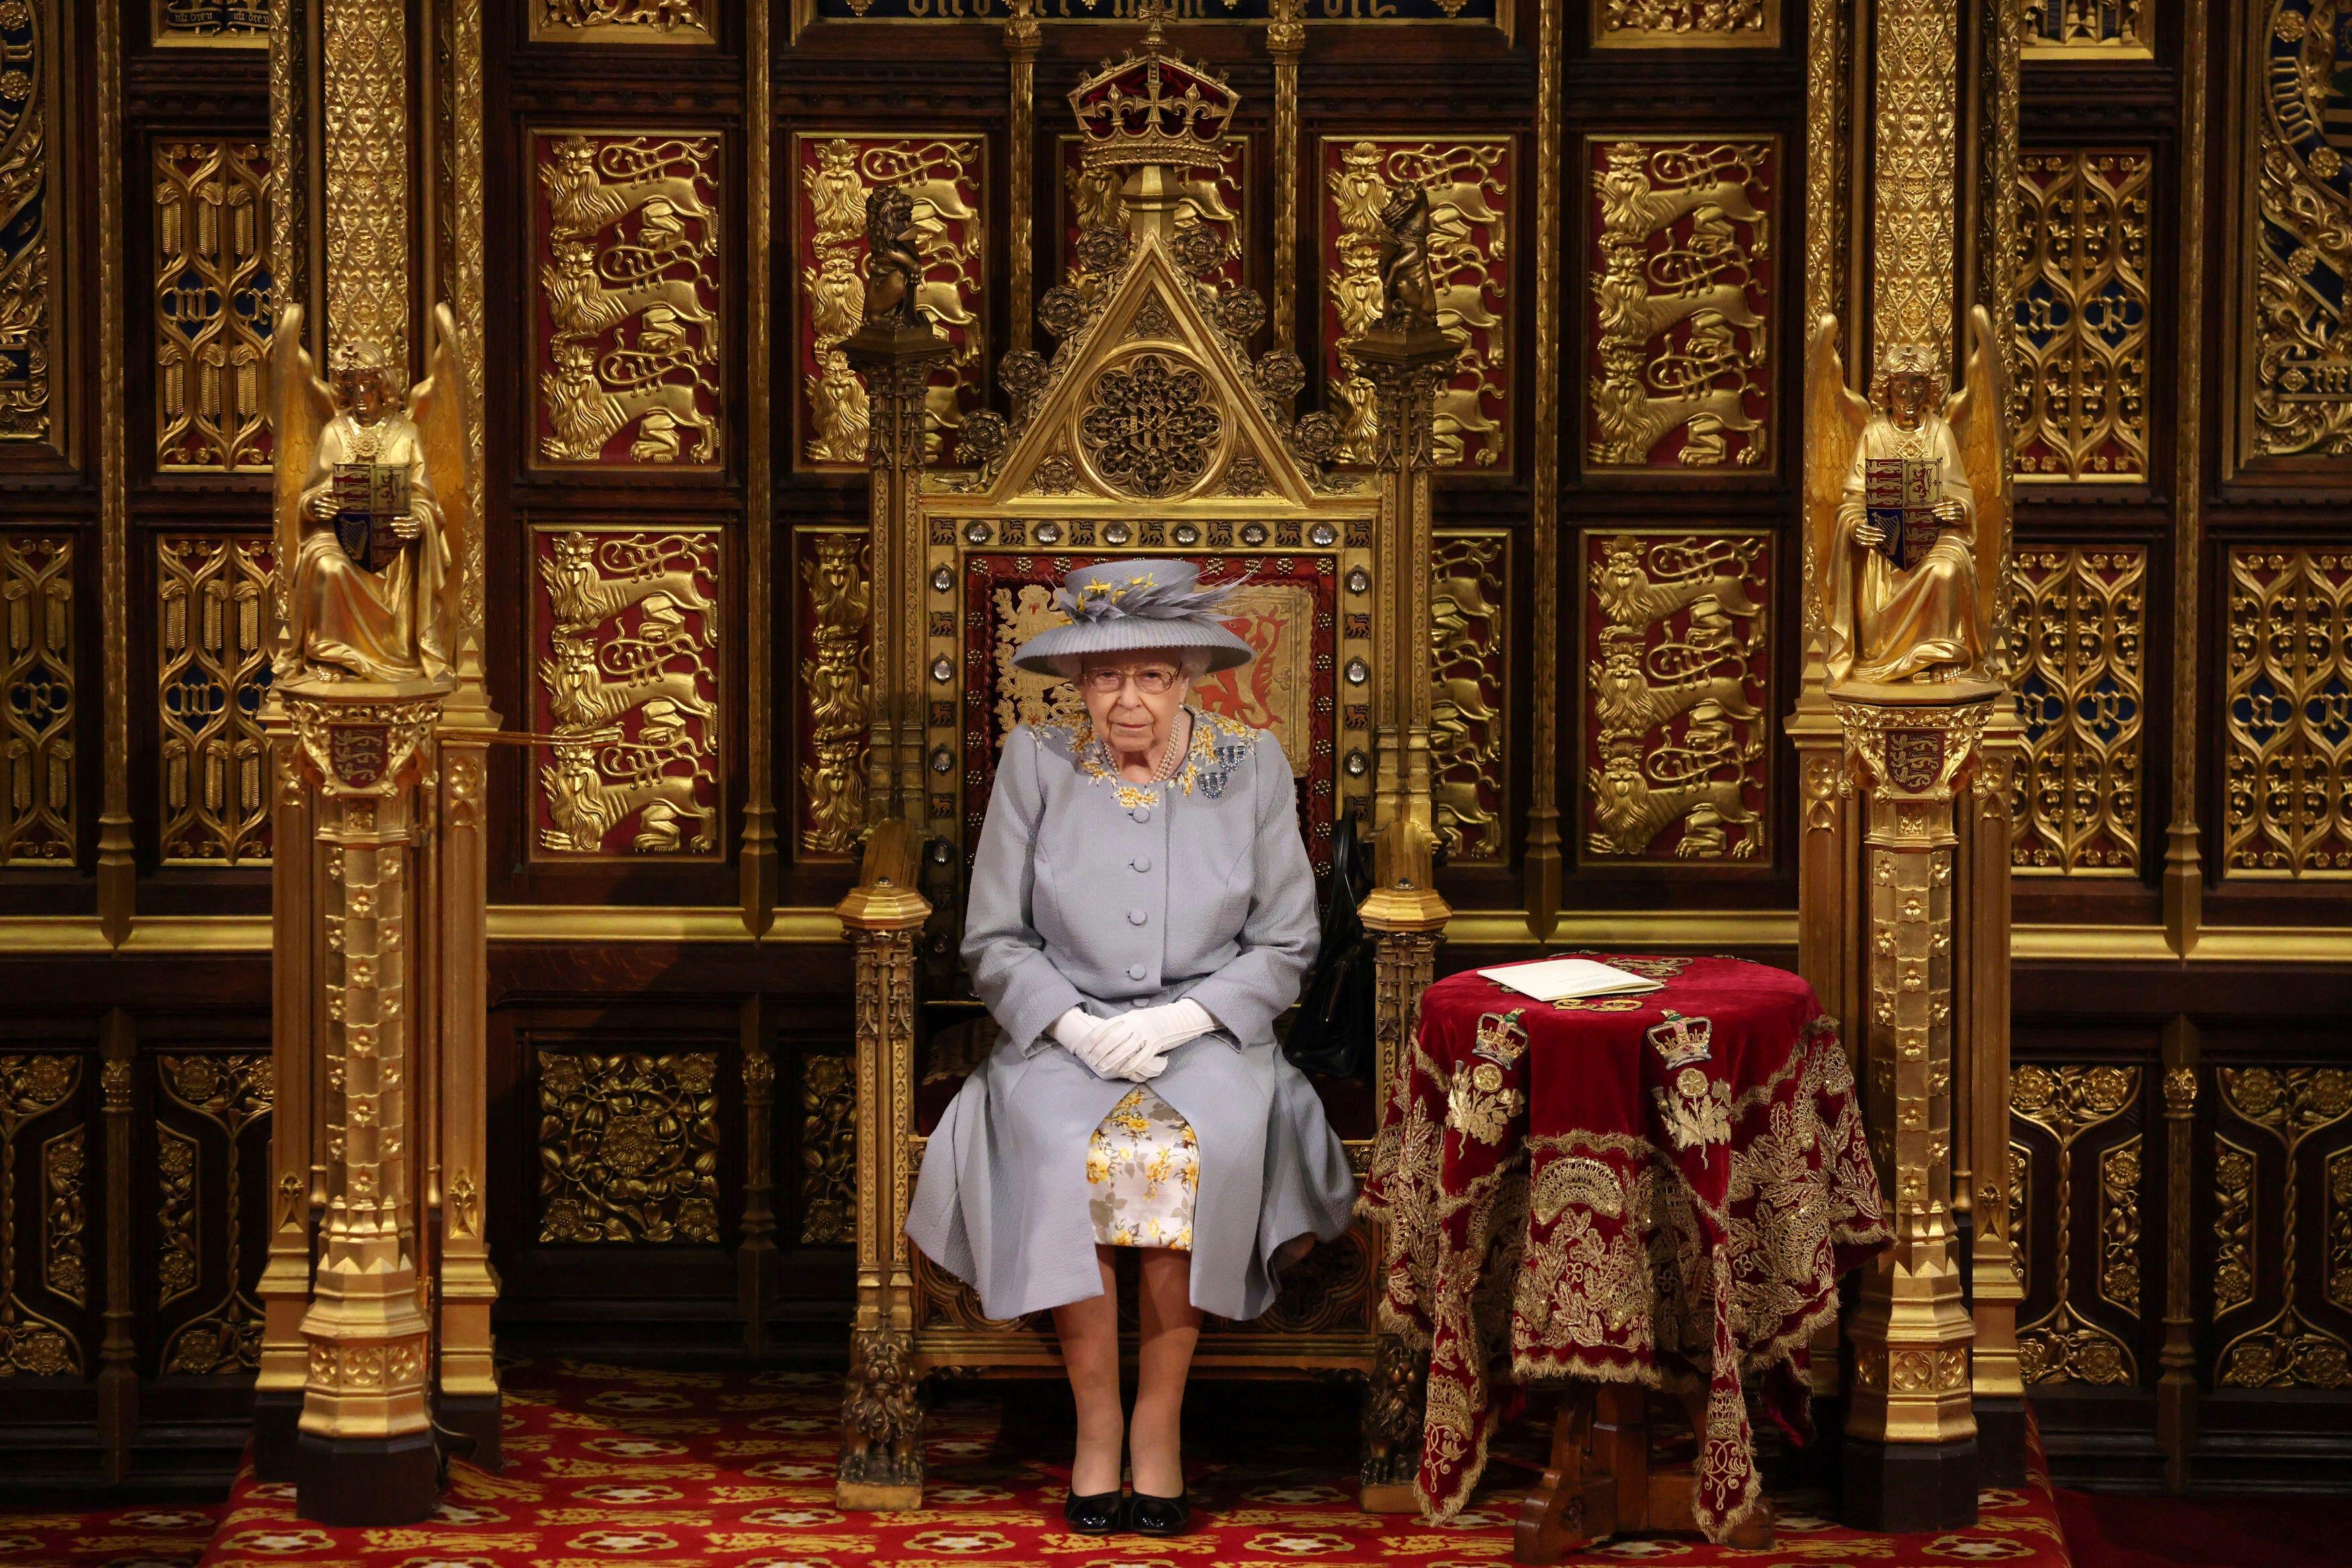 See Queen Elizabeth II meet U.S. presidents through the years